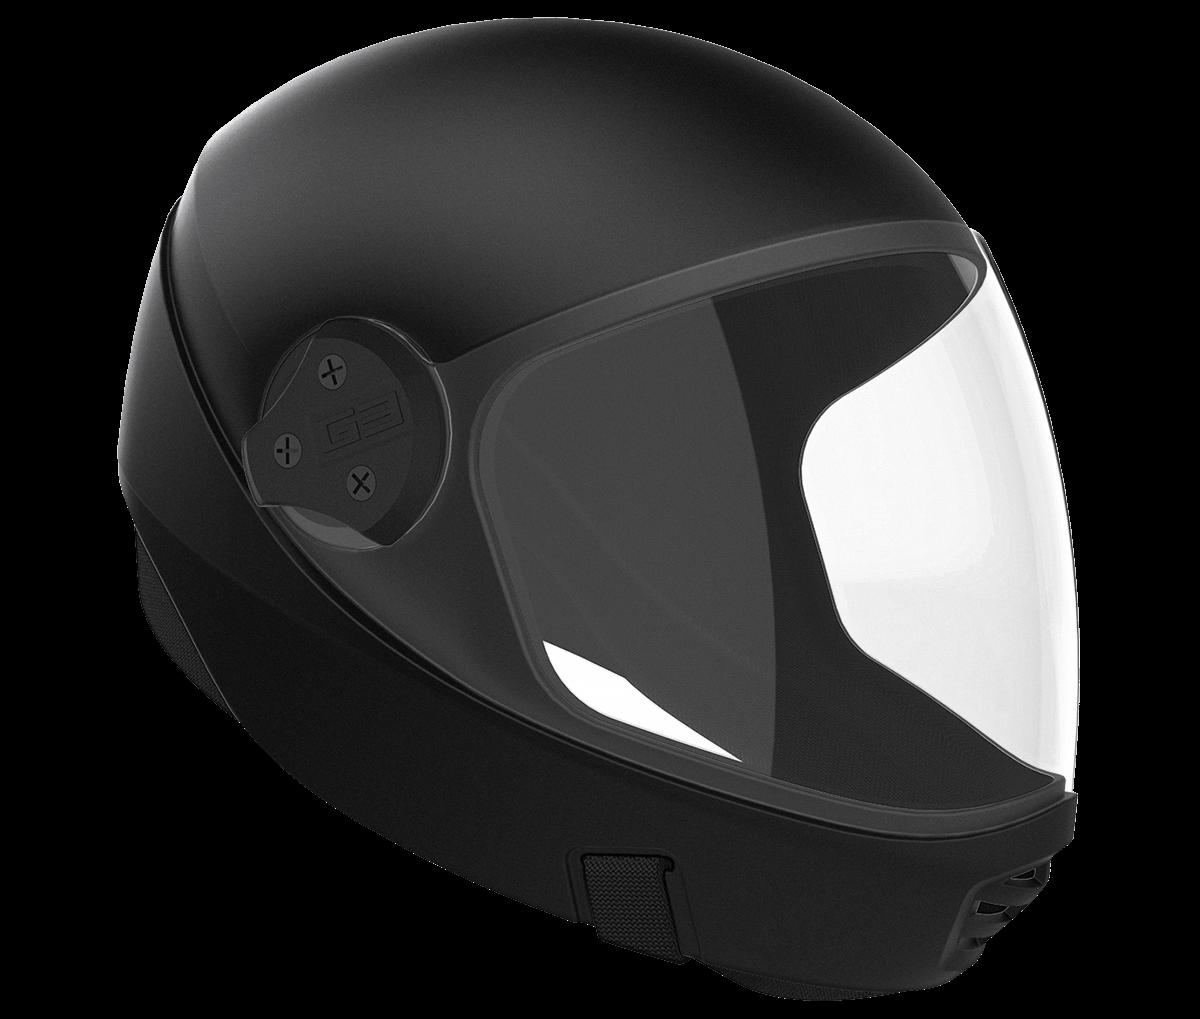 Black helmet png. Buy cookie g skydiving